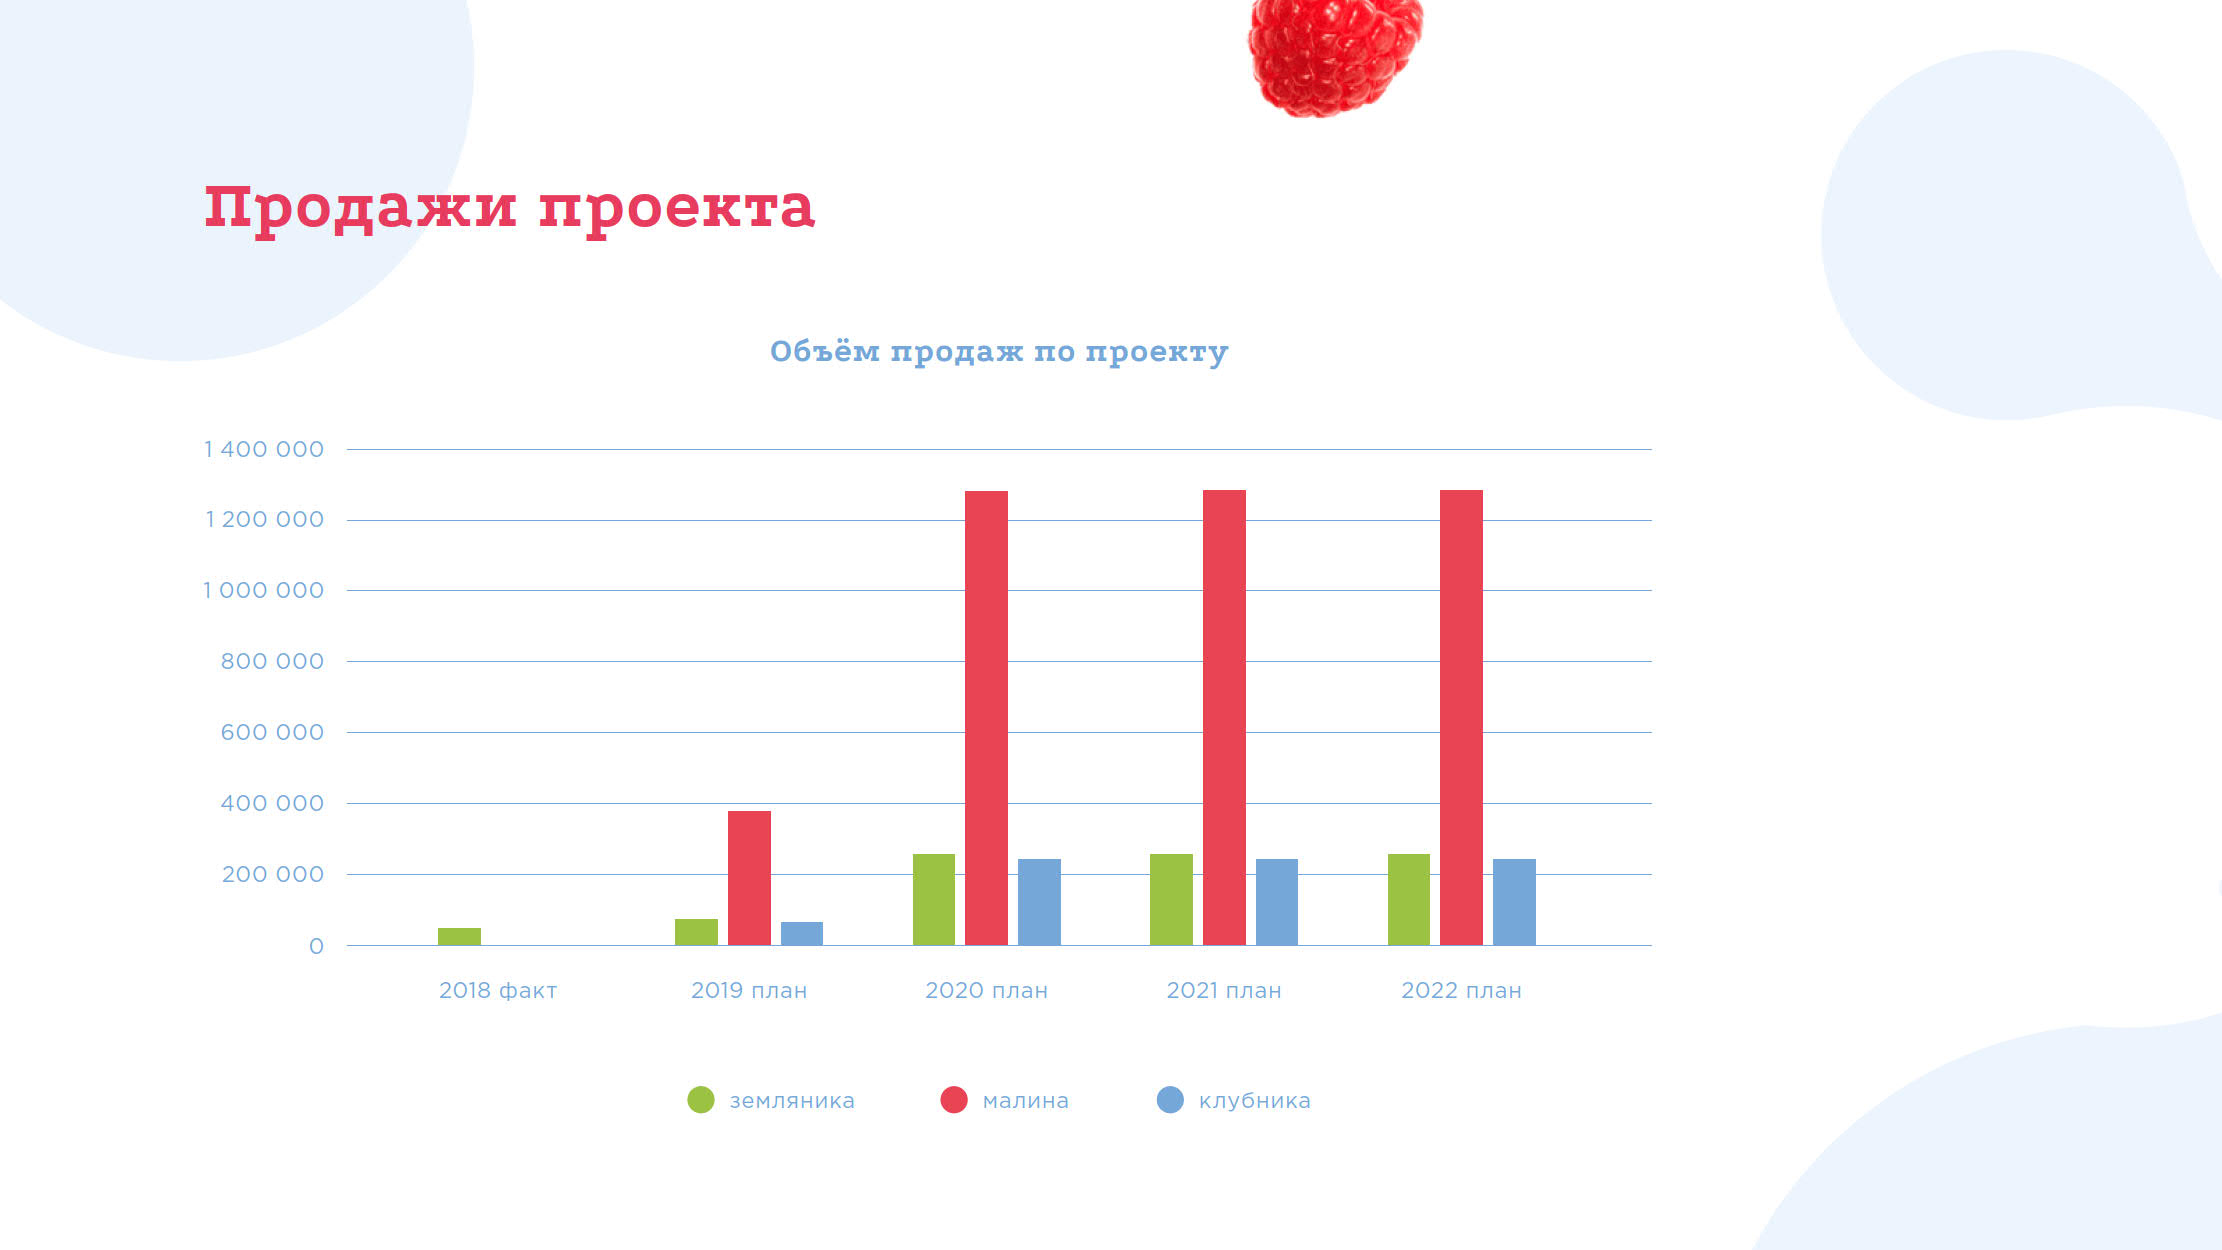 Презентация проекта создания ягодного кластера